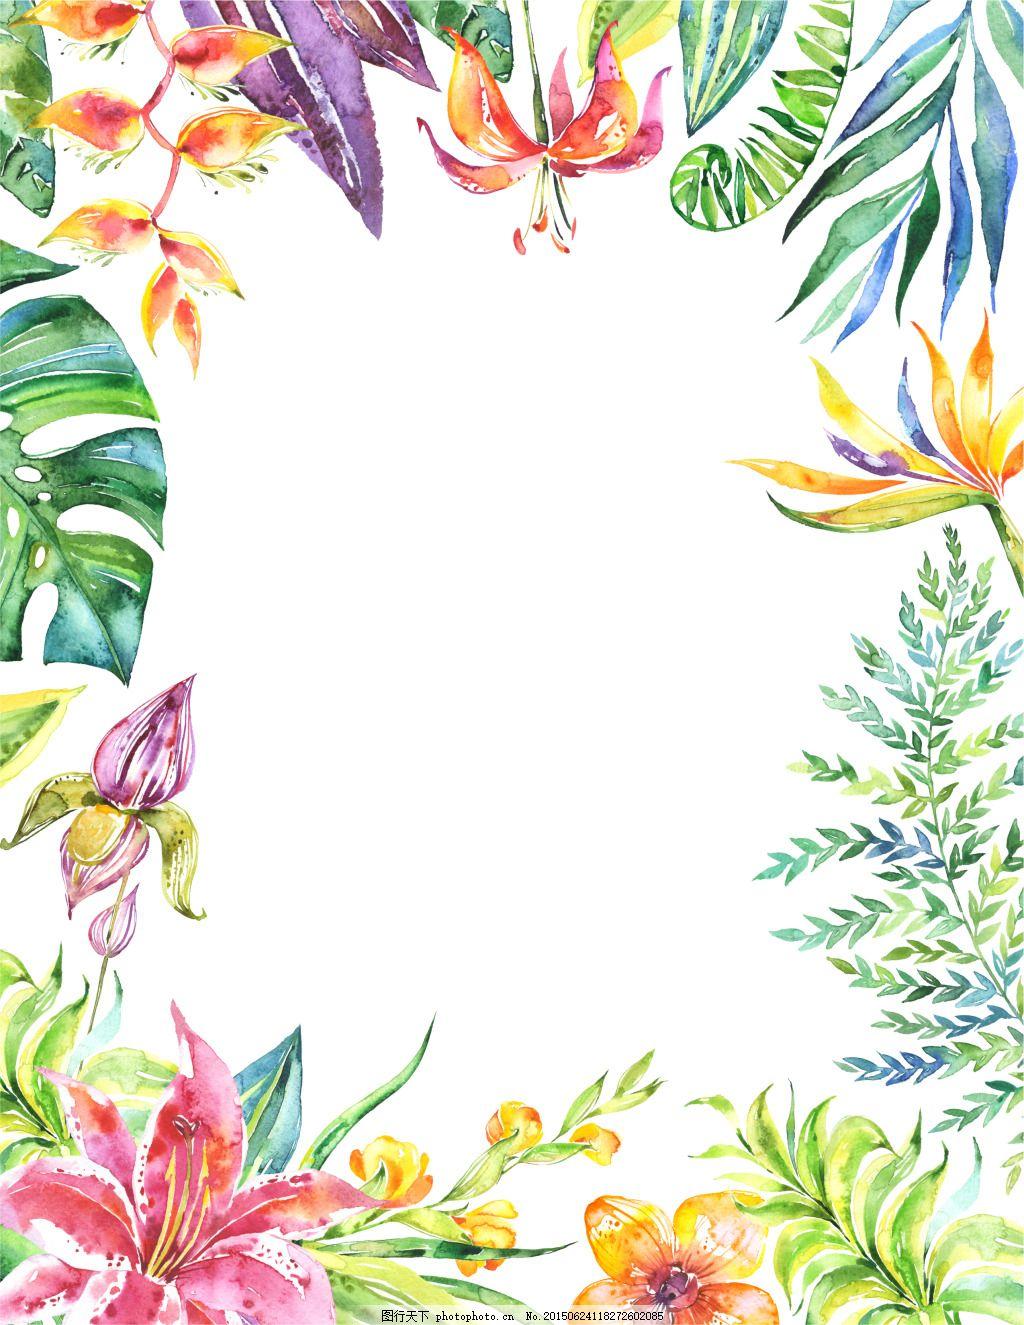 海报背景唯美梦幻花卉绿叶图片